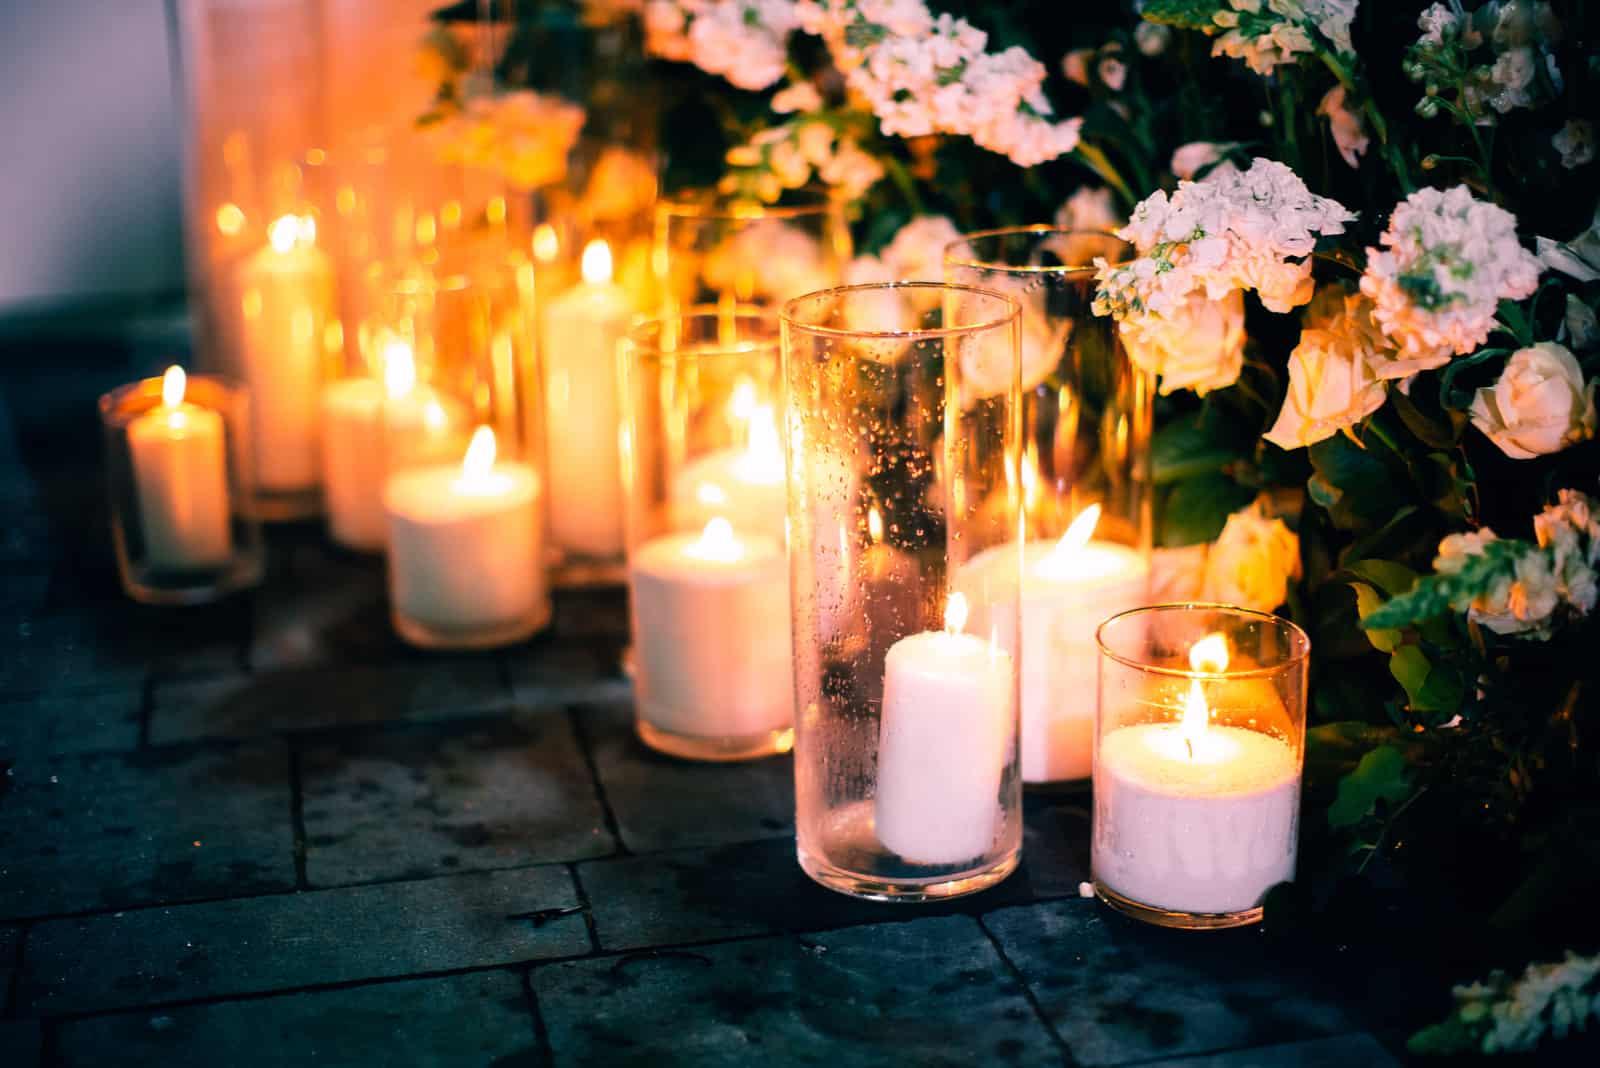 Nachthochzeitszeremoniedekoration mit Kerzen und Blumen auf Hintergrund